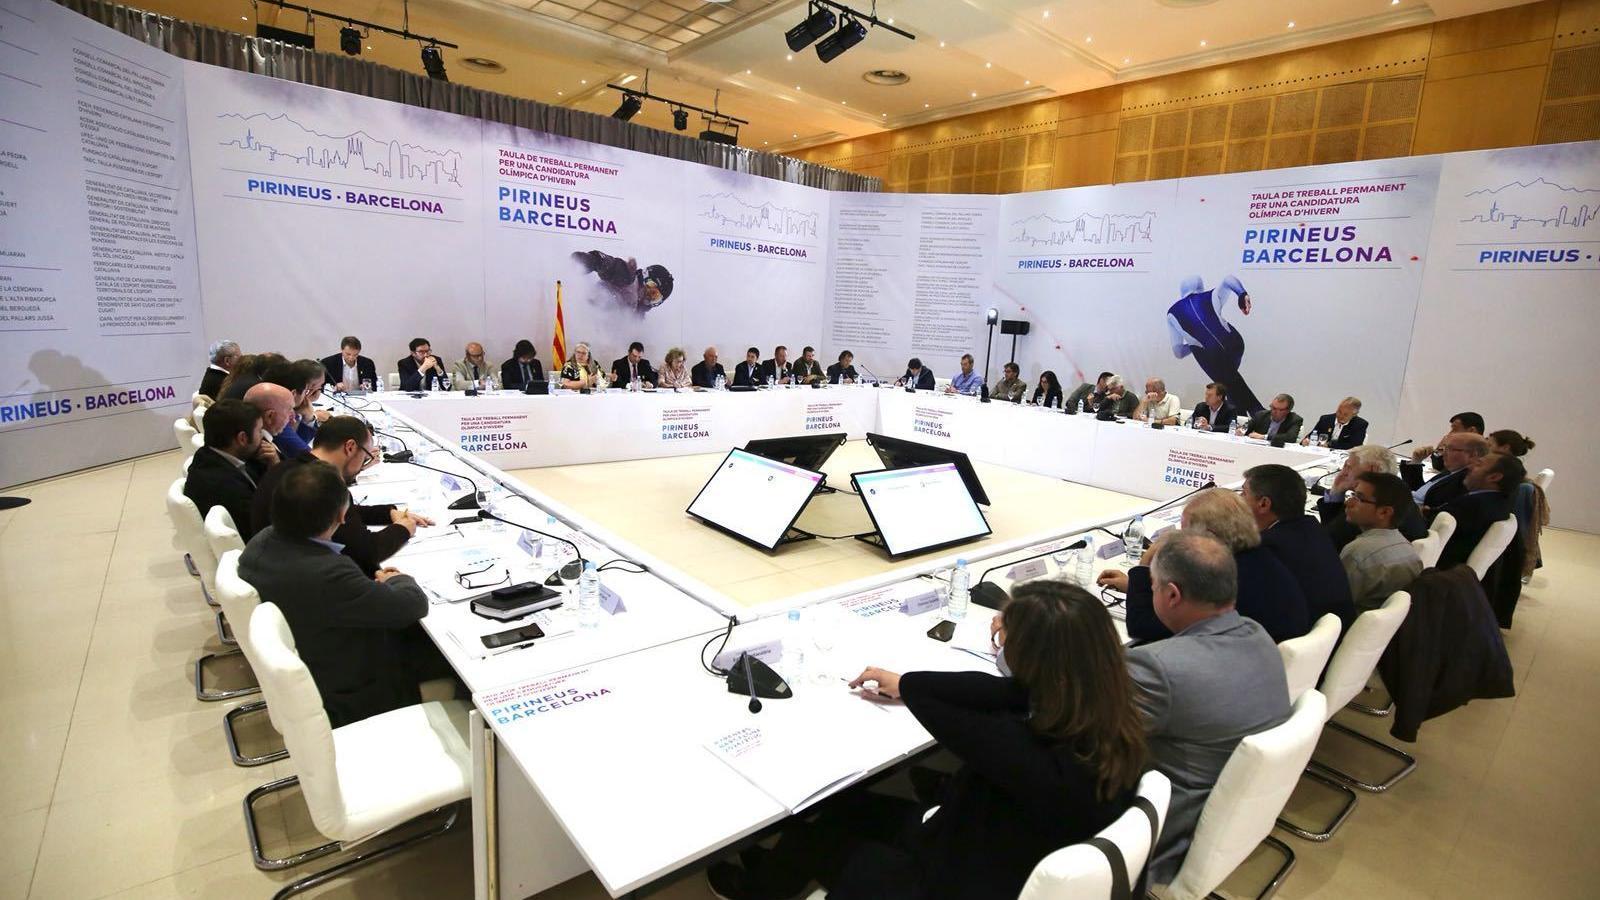 El COI farà oficial la candidatura Pirineus-Barcelona als Jocs d'hivern del 2026 aquest proper octubre